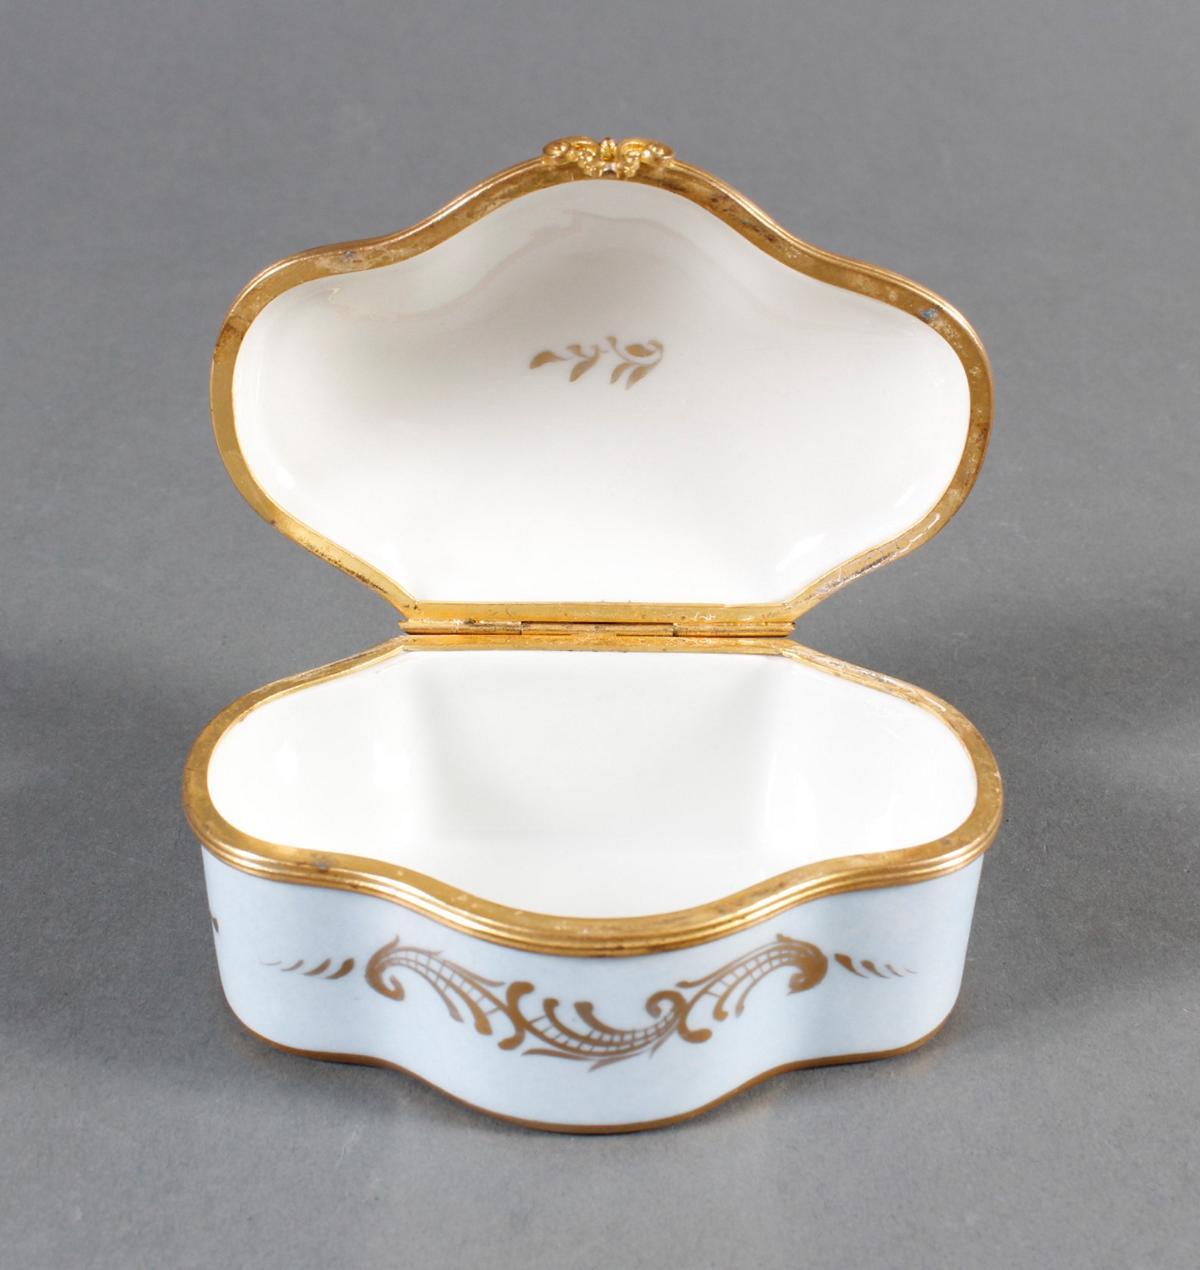 Limoges Frankreich, Handbemalte Porzellan-Pillendose, 1. Hälfte 20. Jahrhundert-2